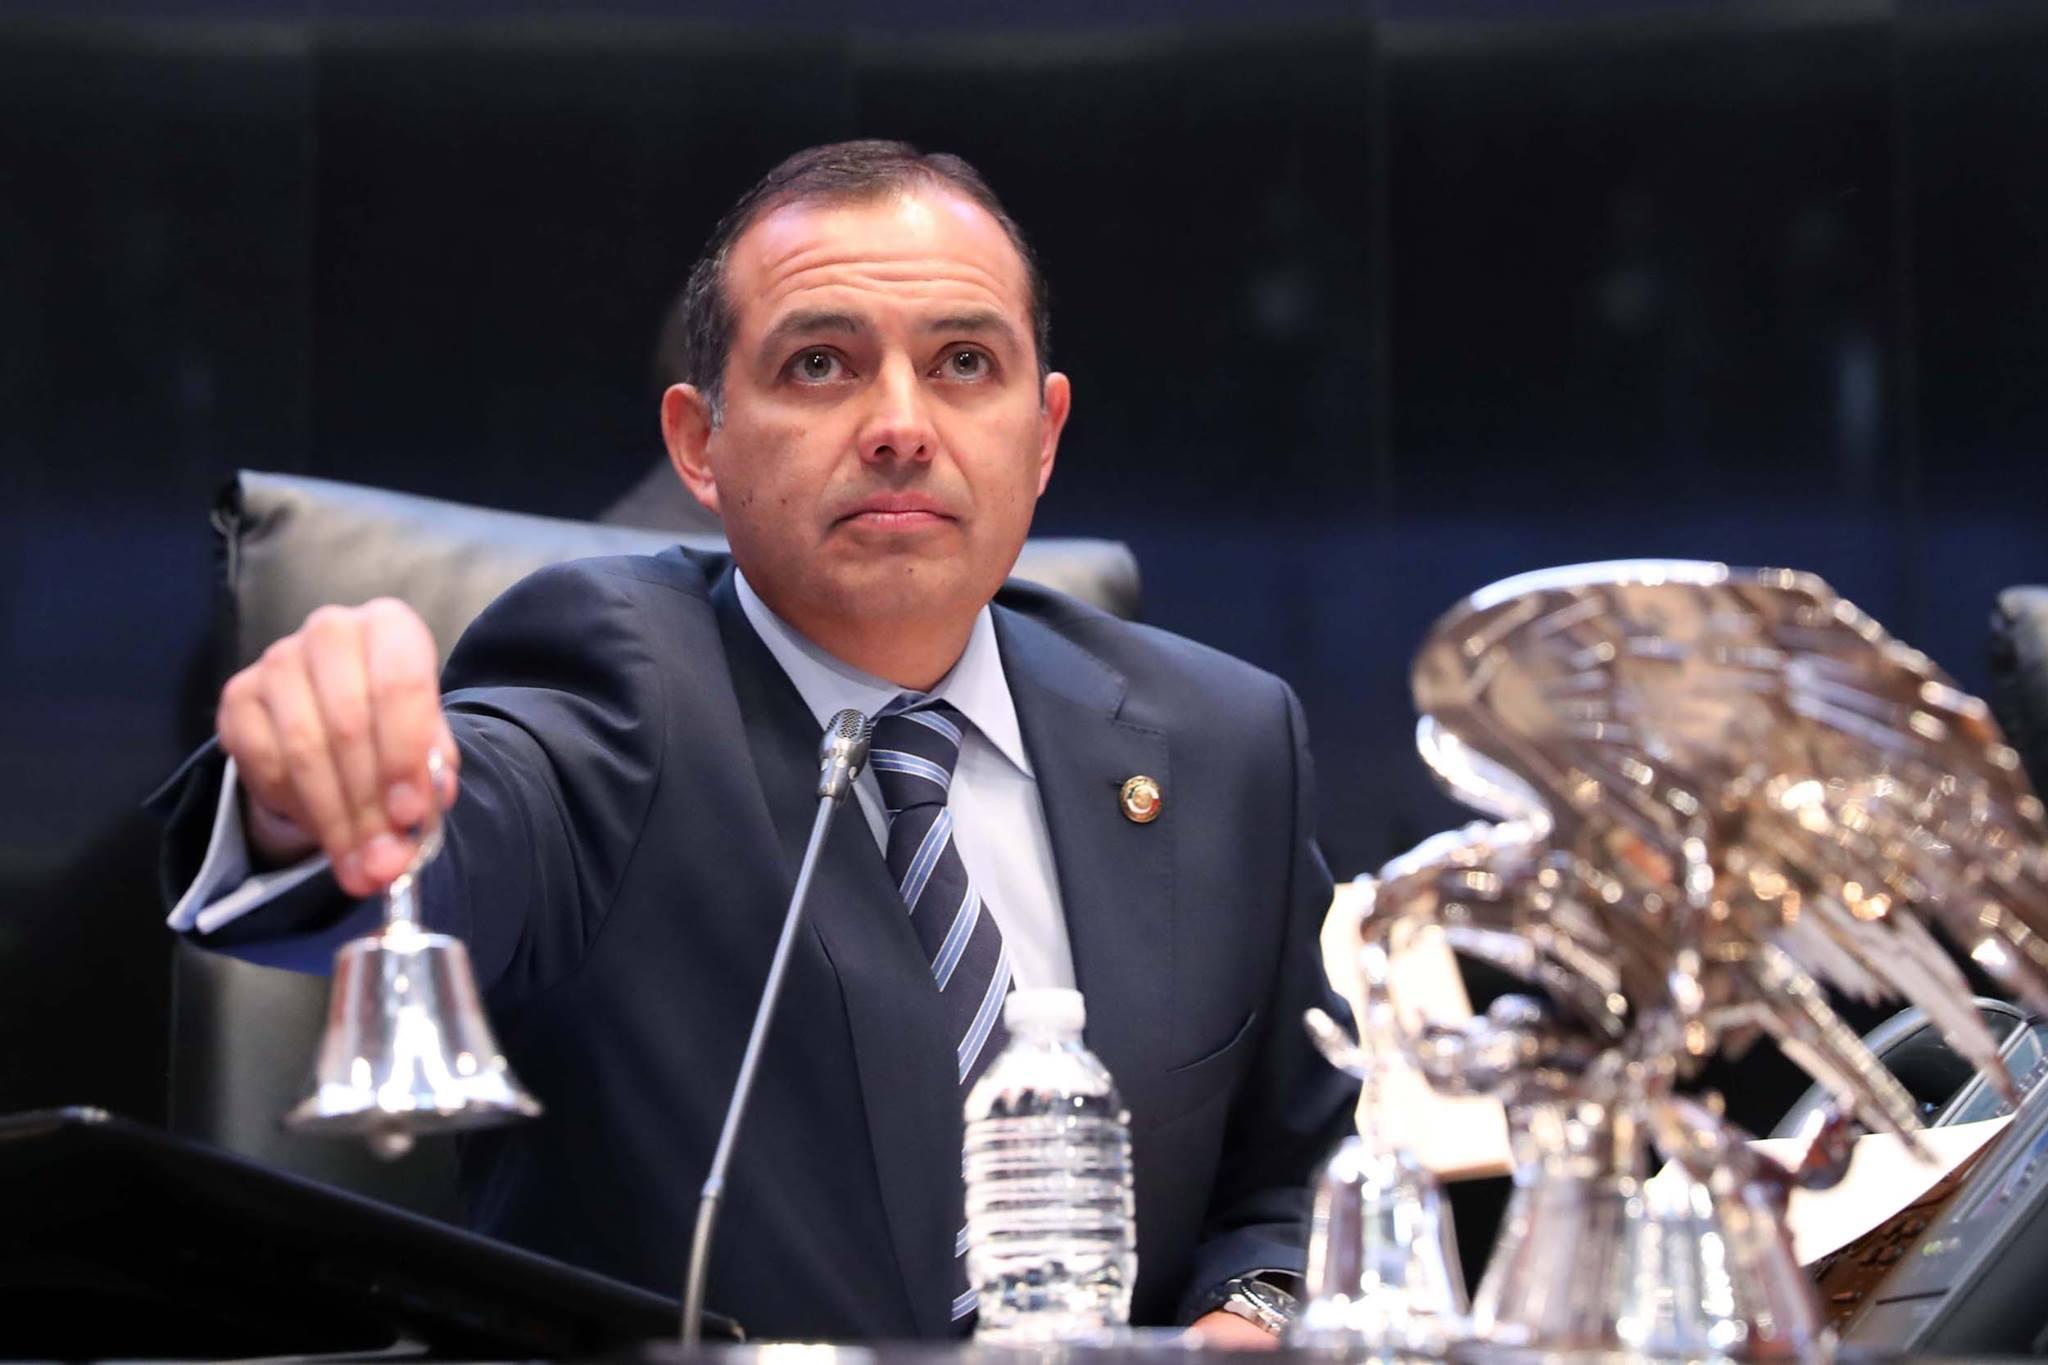 México suspende cooperación económica con EU